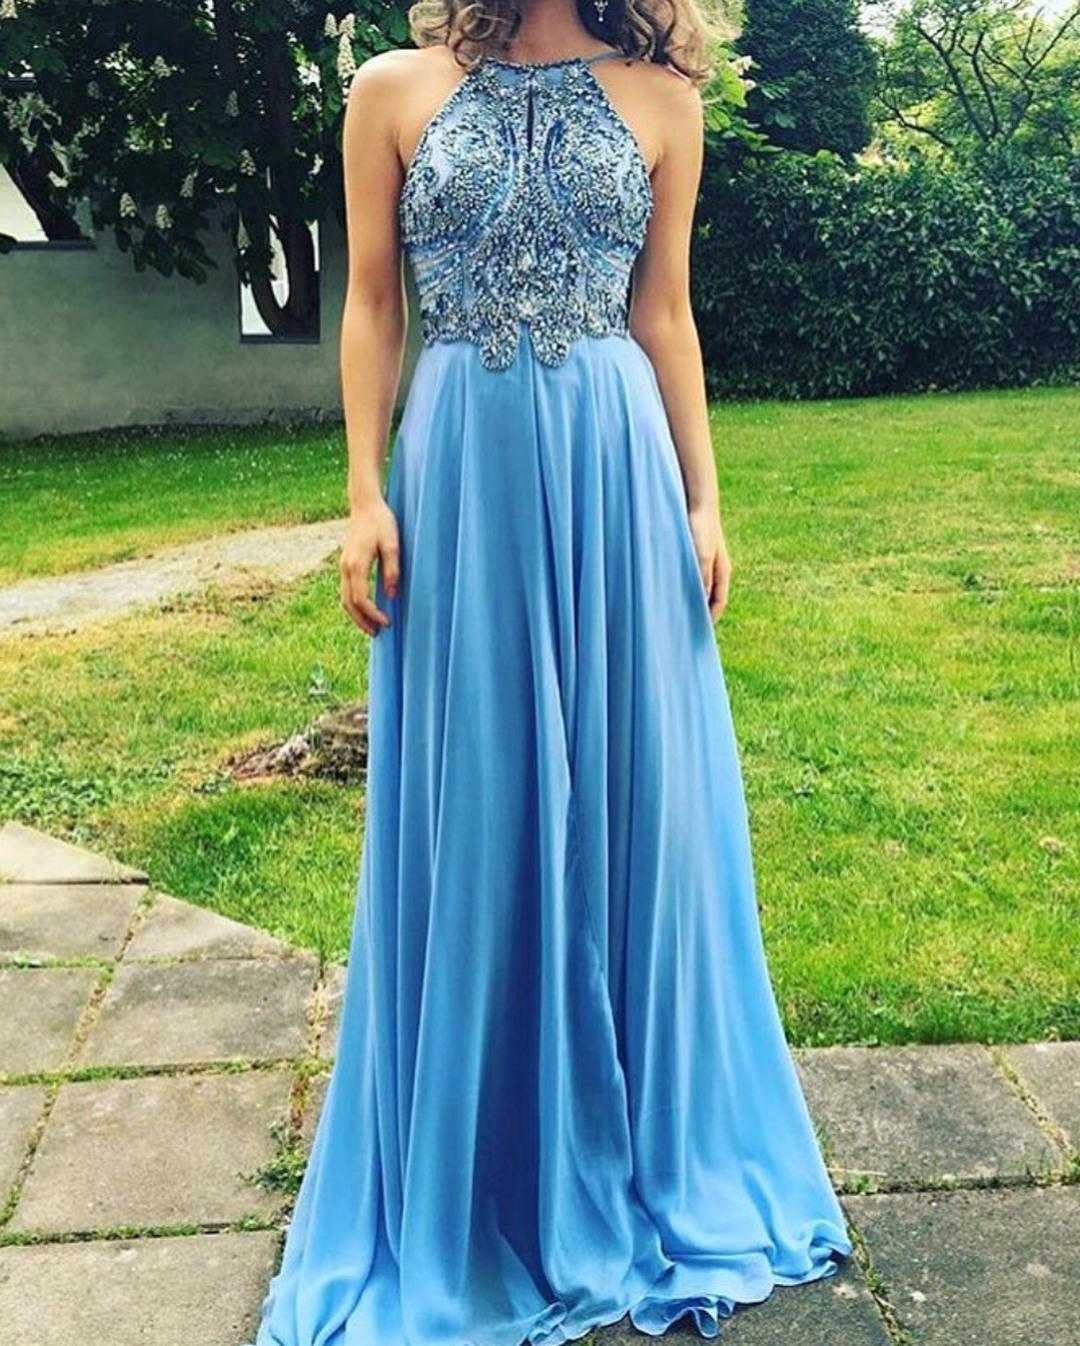 15 Top Royalblaues Abendkleid Vertrieb Schön Royalblaues Abendkleid Vertrieb